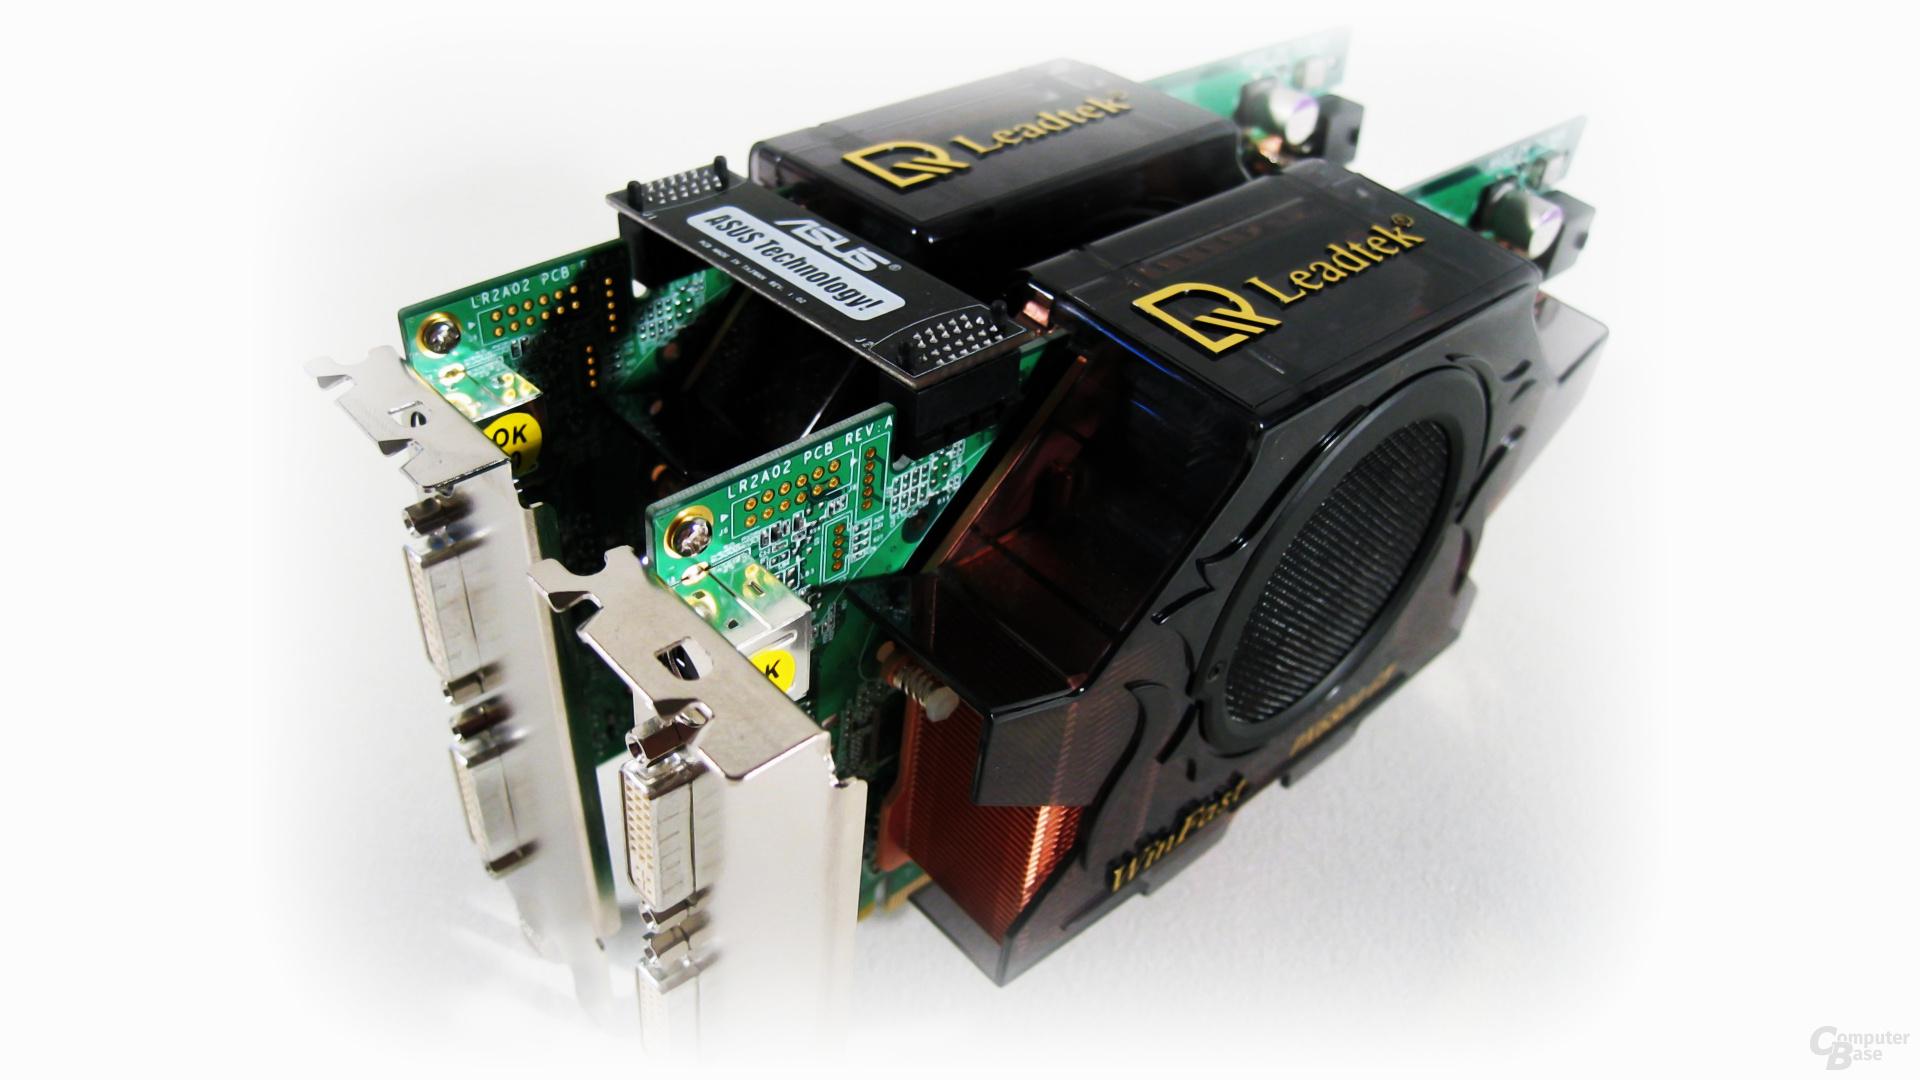 2x Leadtek WinFast PX6800GT TDH SLI